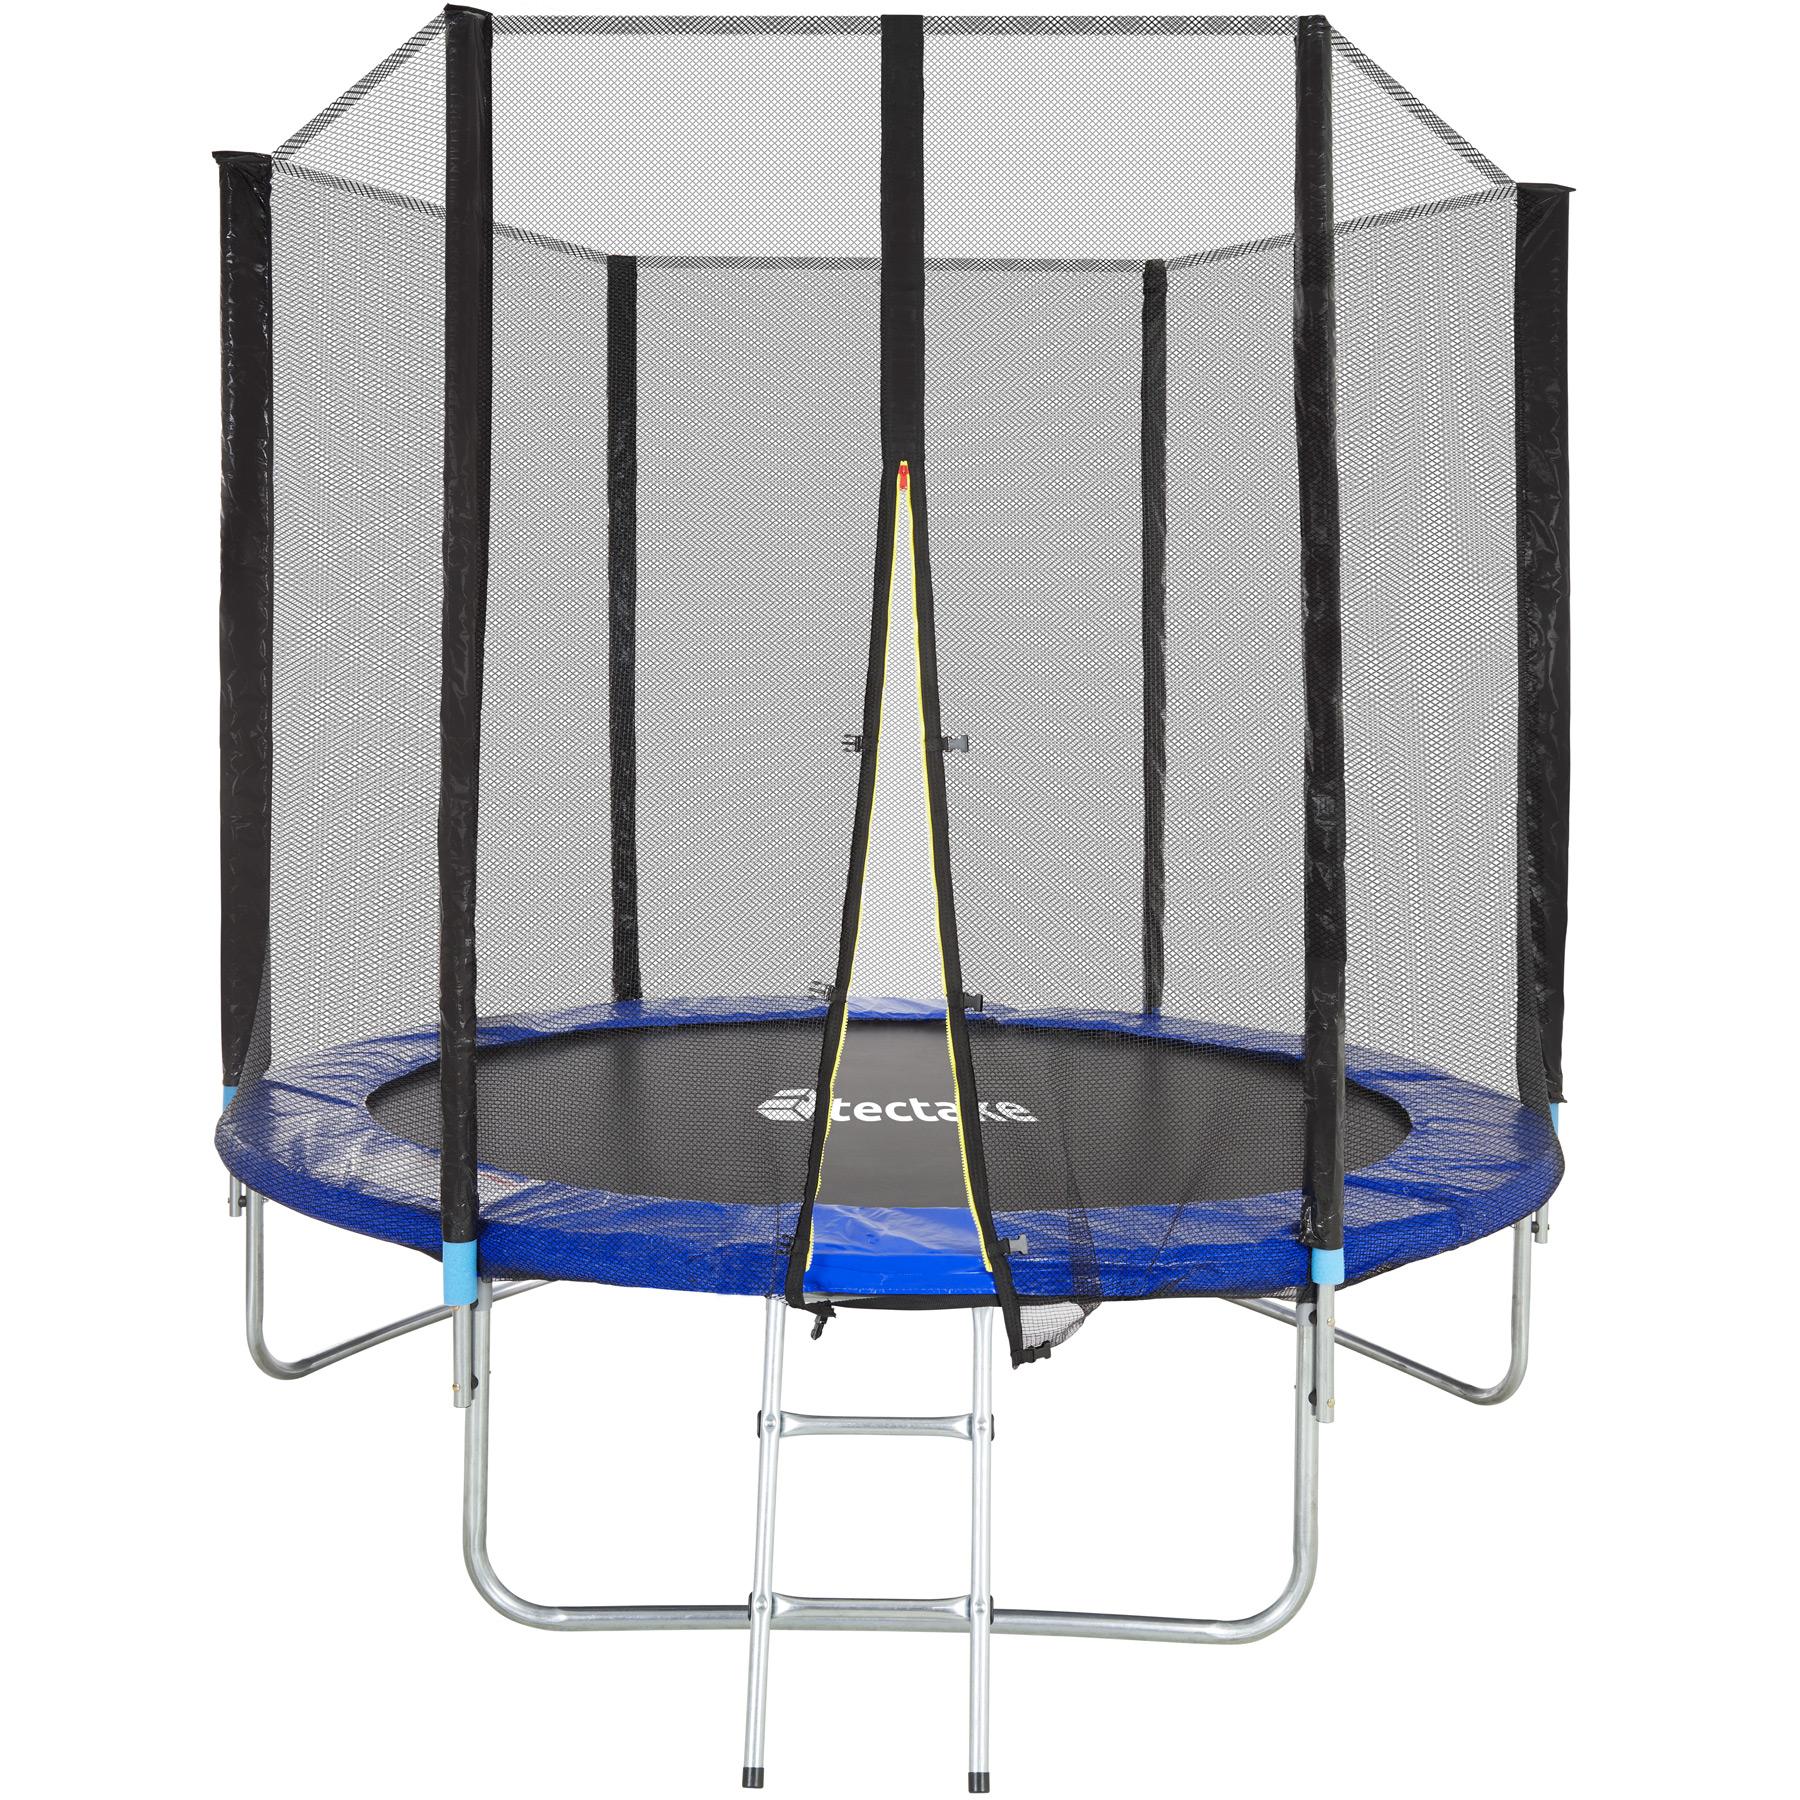 Trampolin Garfunky 244 cm günstig online kaufen